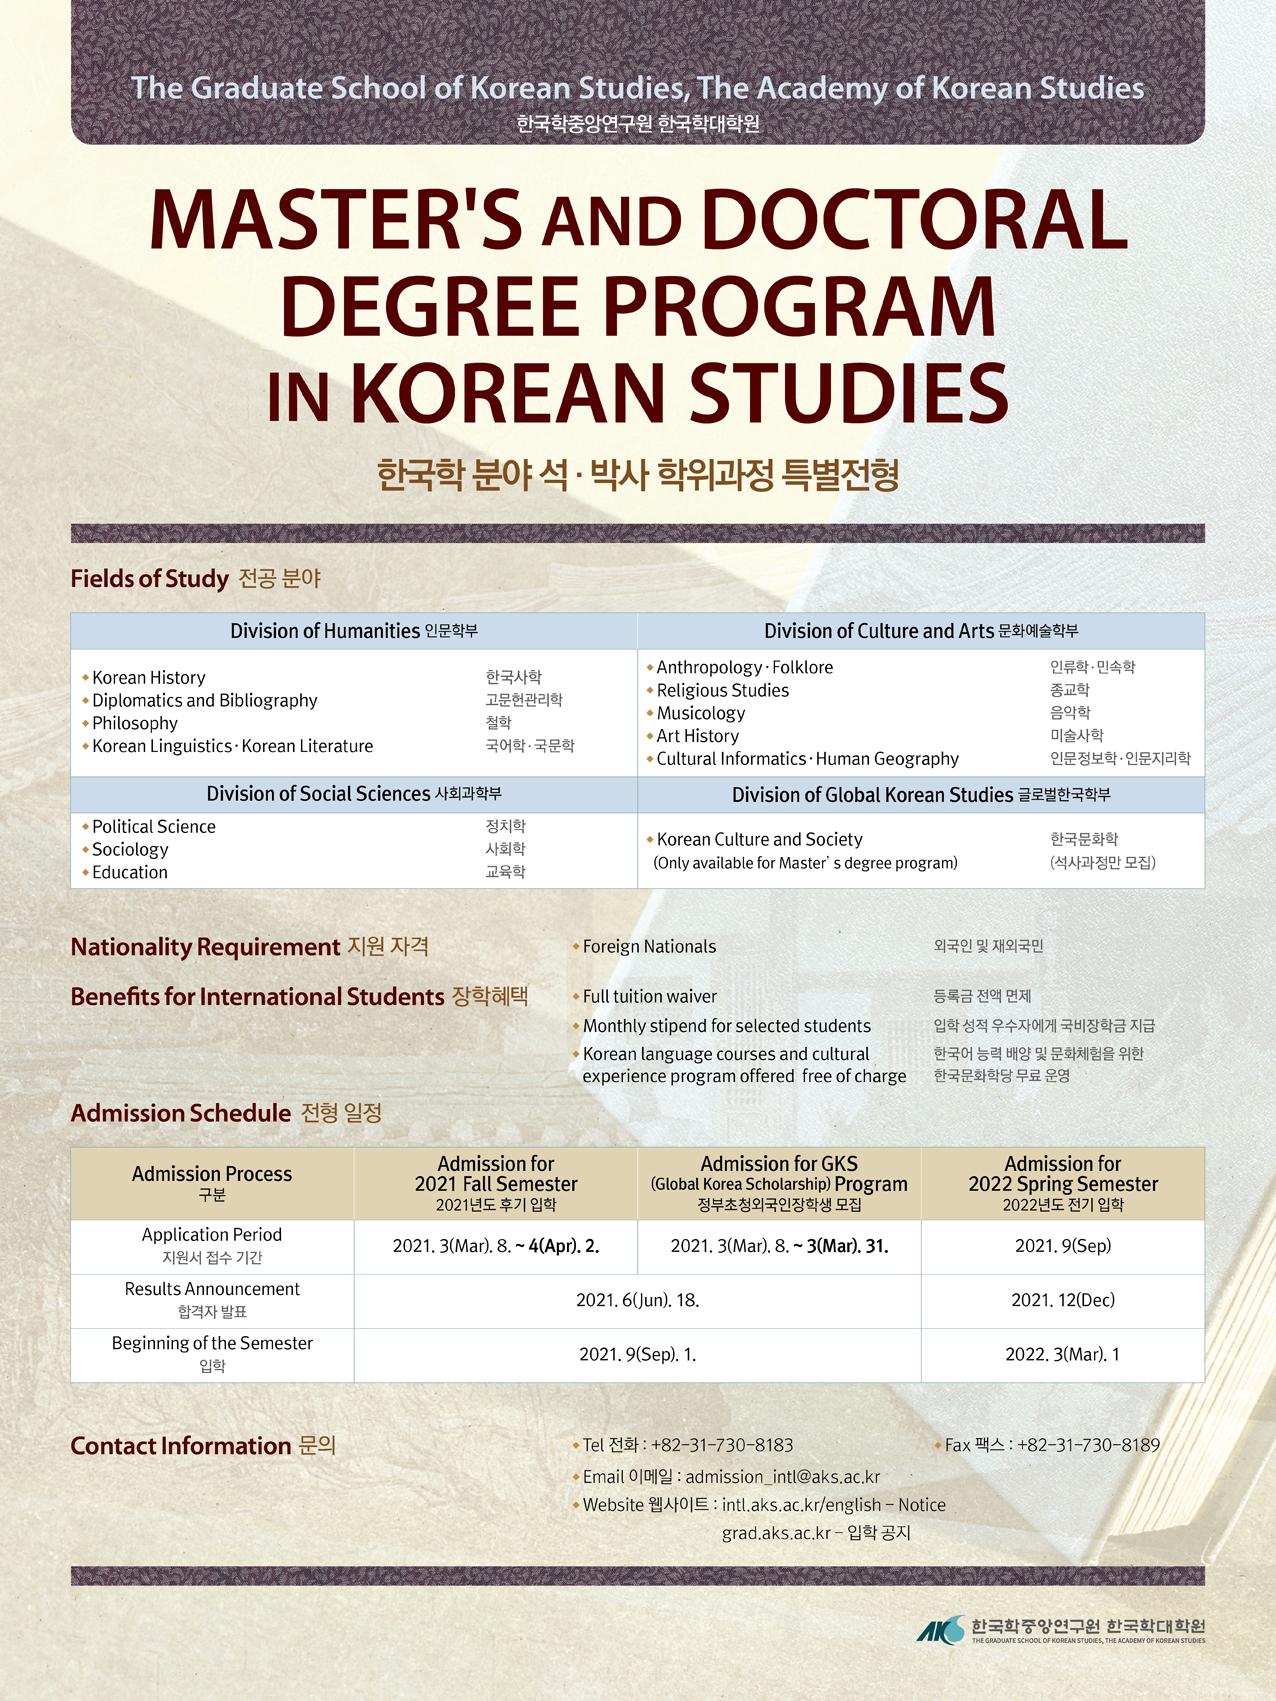 한국학중앙연구원_2021년 후기 특별전형 포스터.jpg